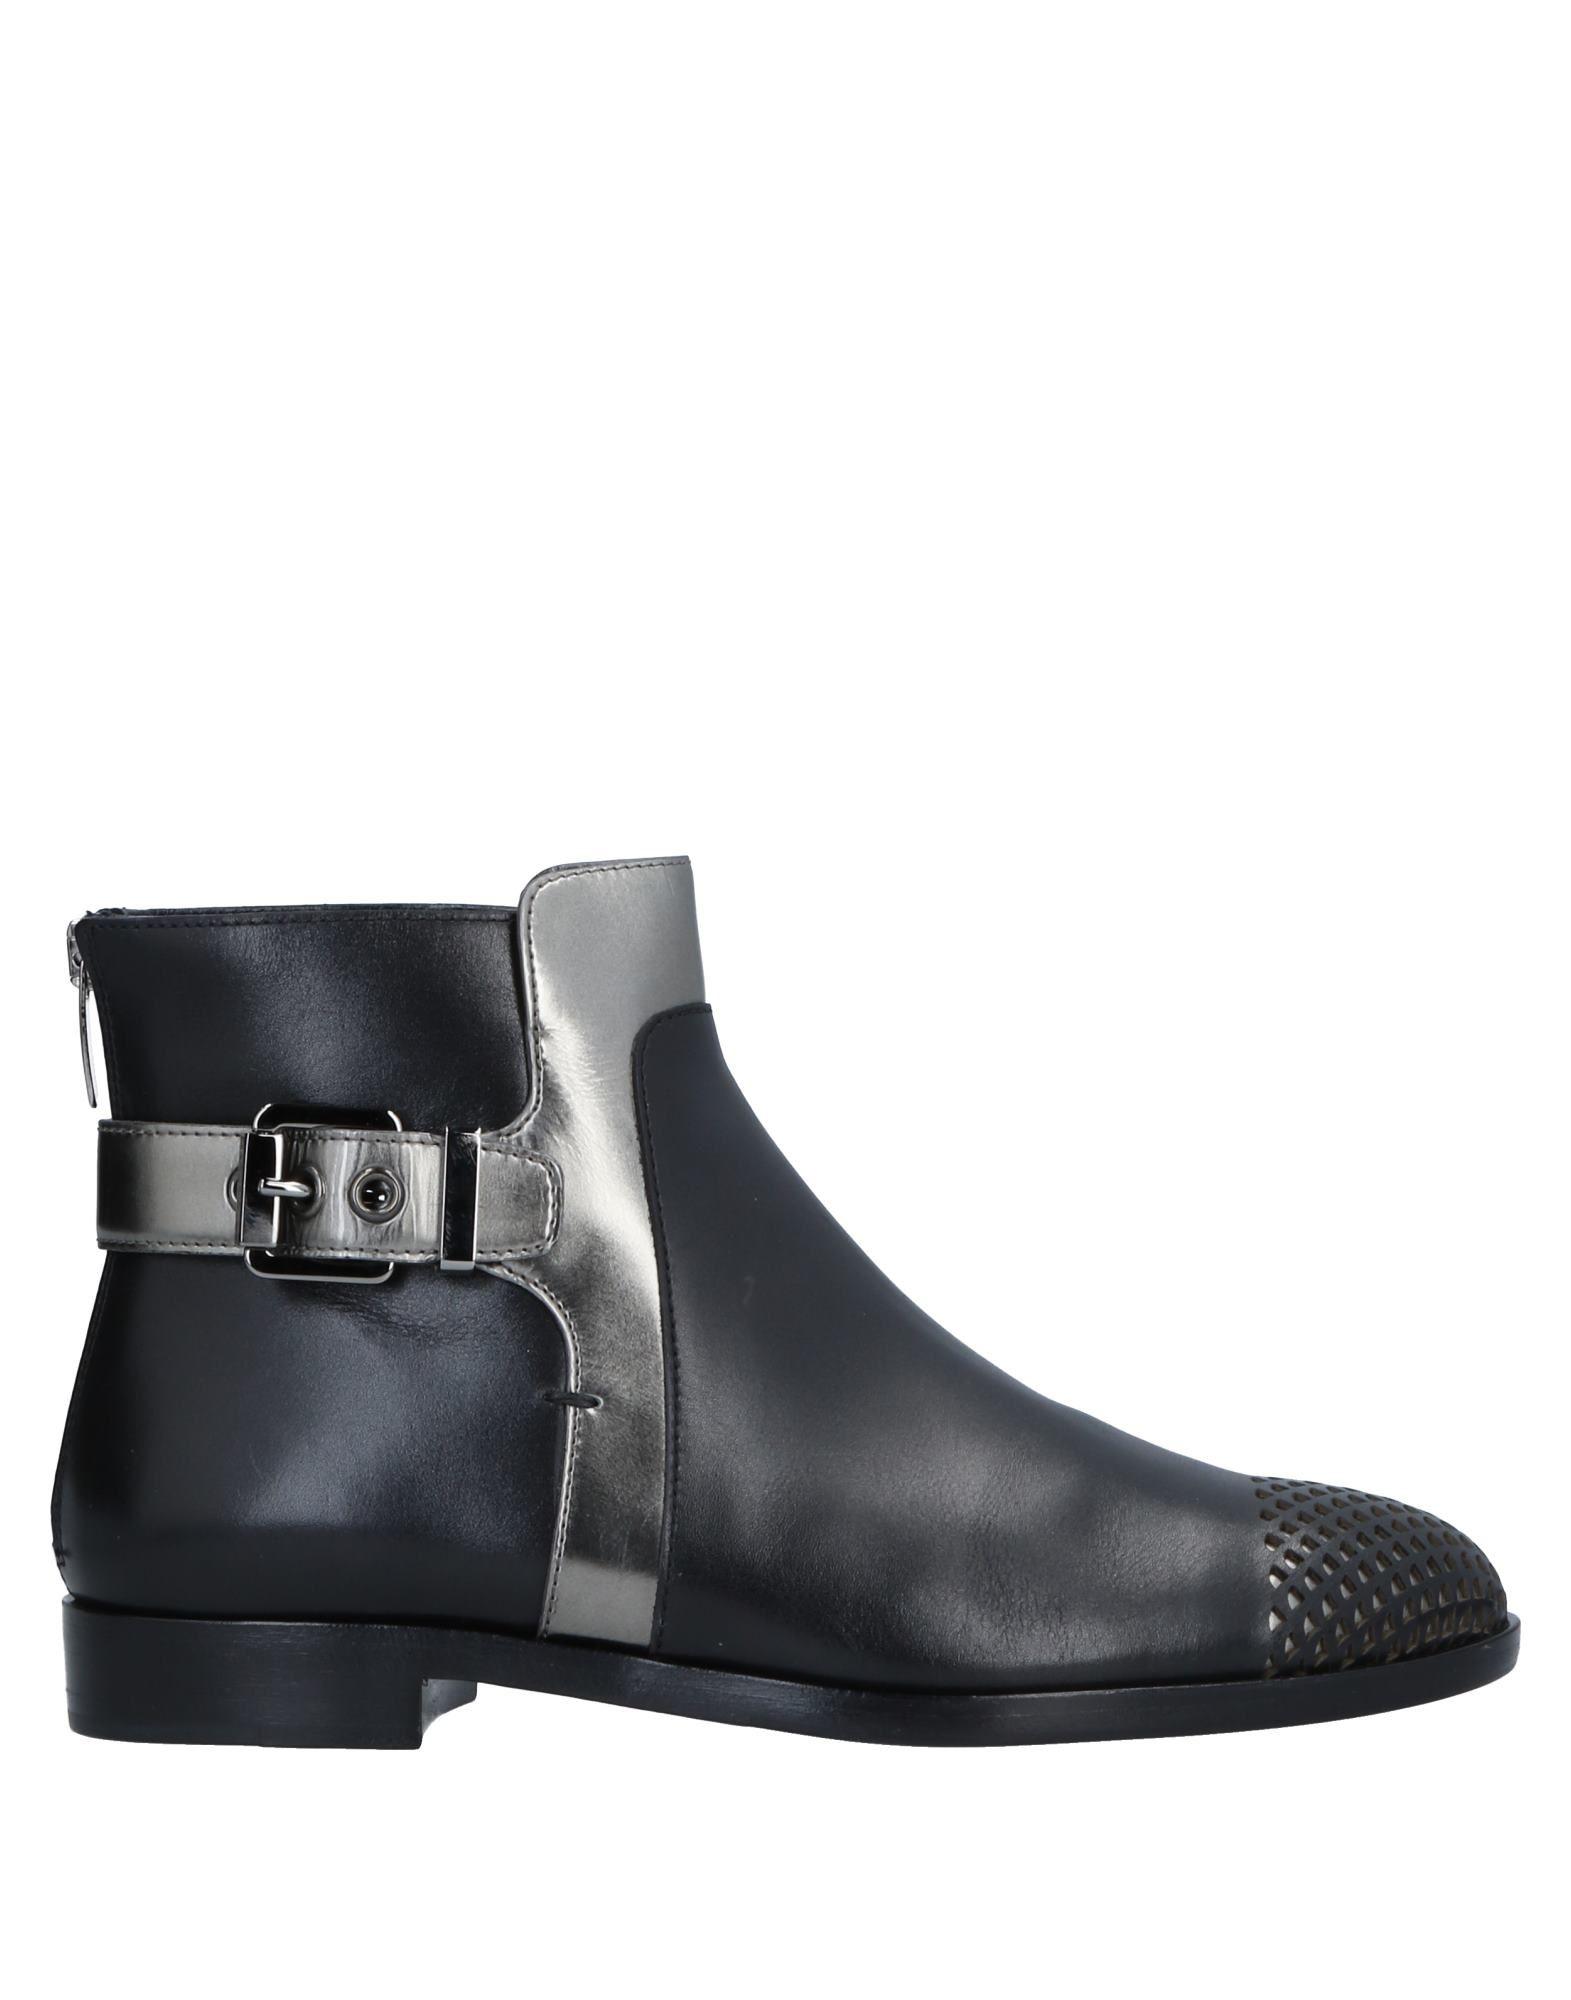 Sergio Rossi Stiefelette Damen  11525952TVGünstige gut aussehende Schuhe